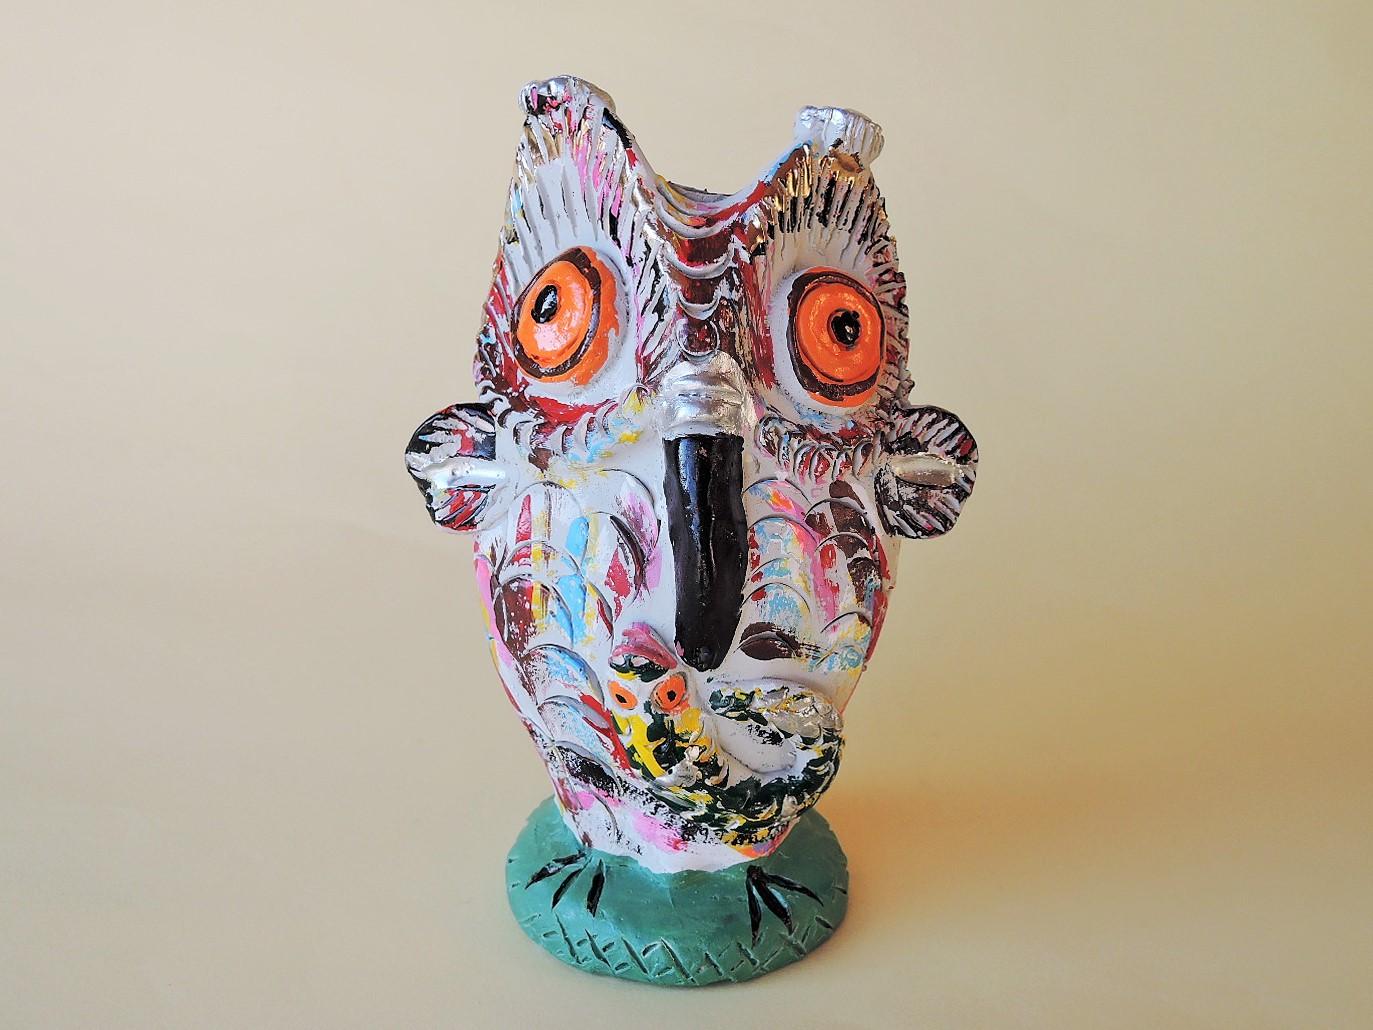 ポルトガル陶器 フクロウの置物 JuliaCota作品